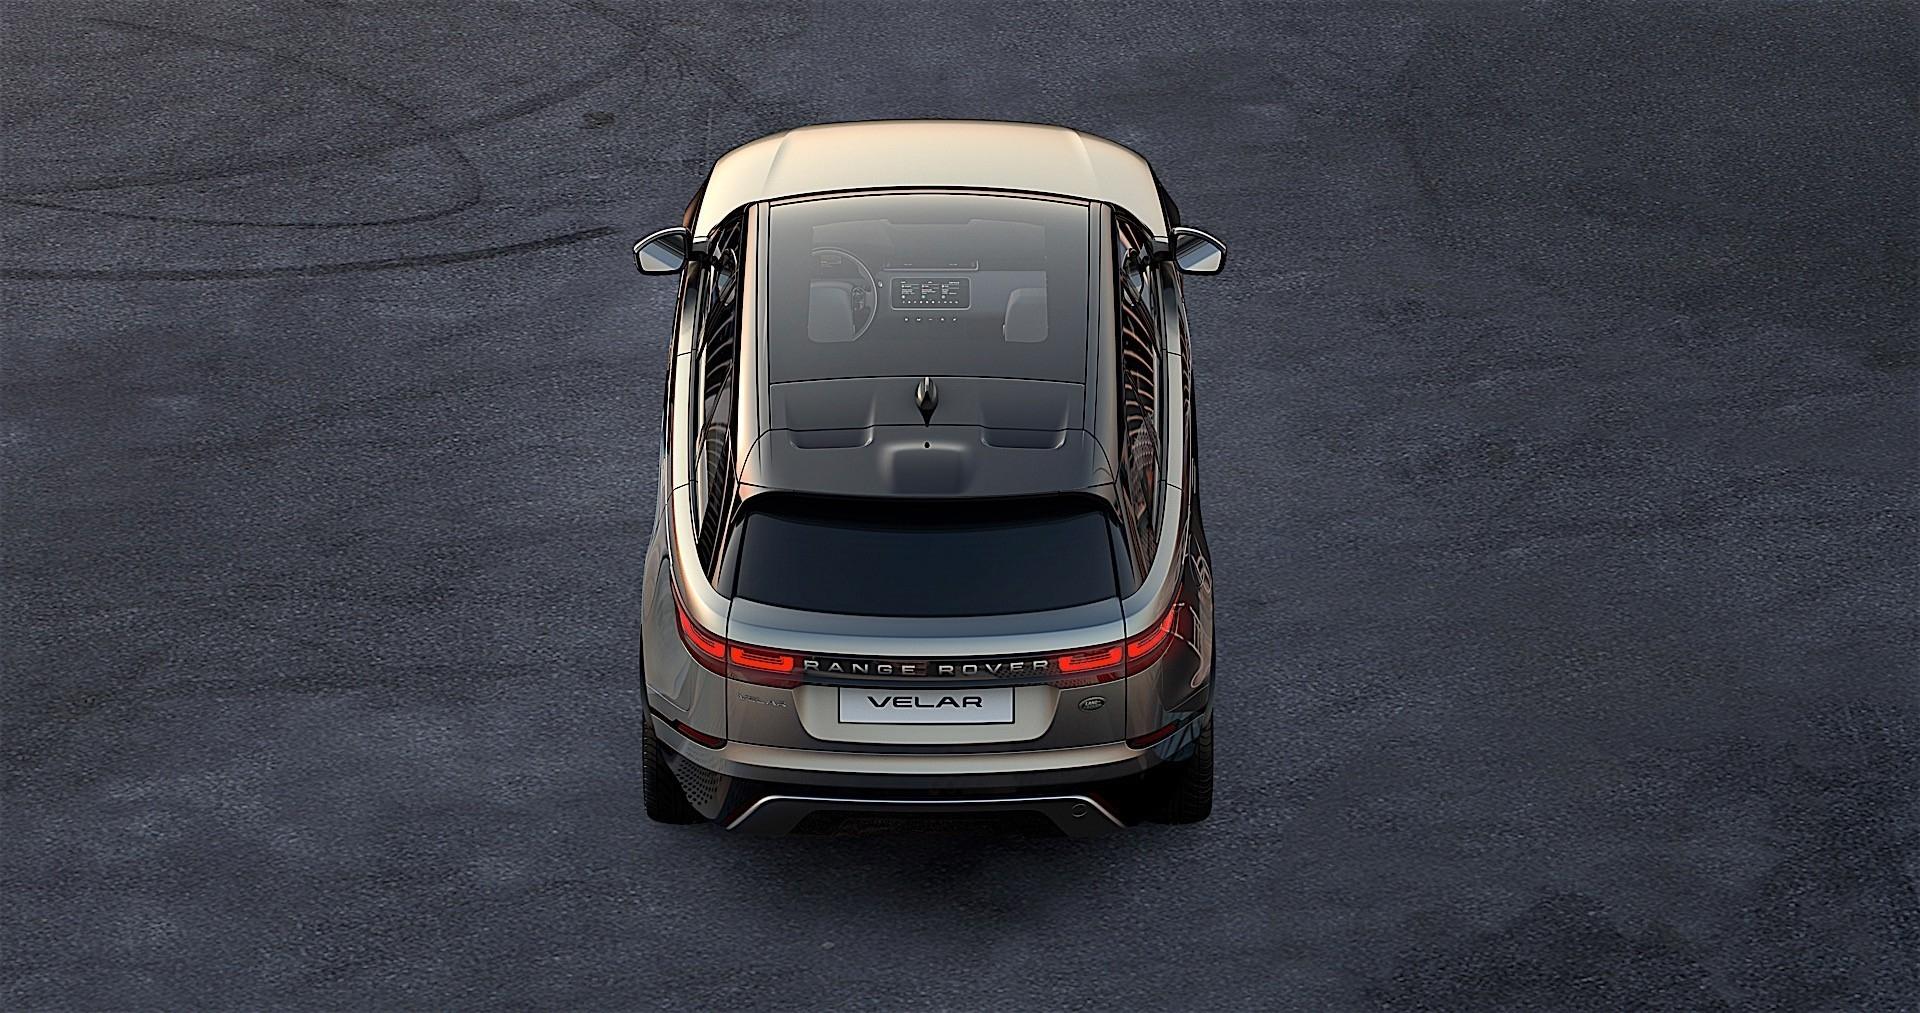 Nouveau Land Rover Range Rover Velar